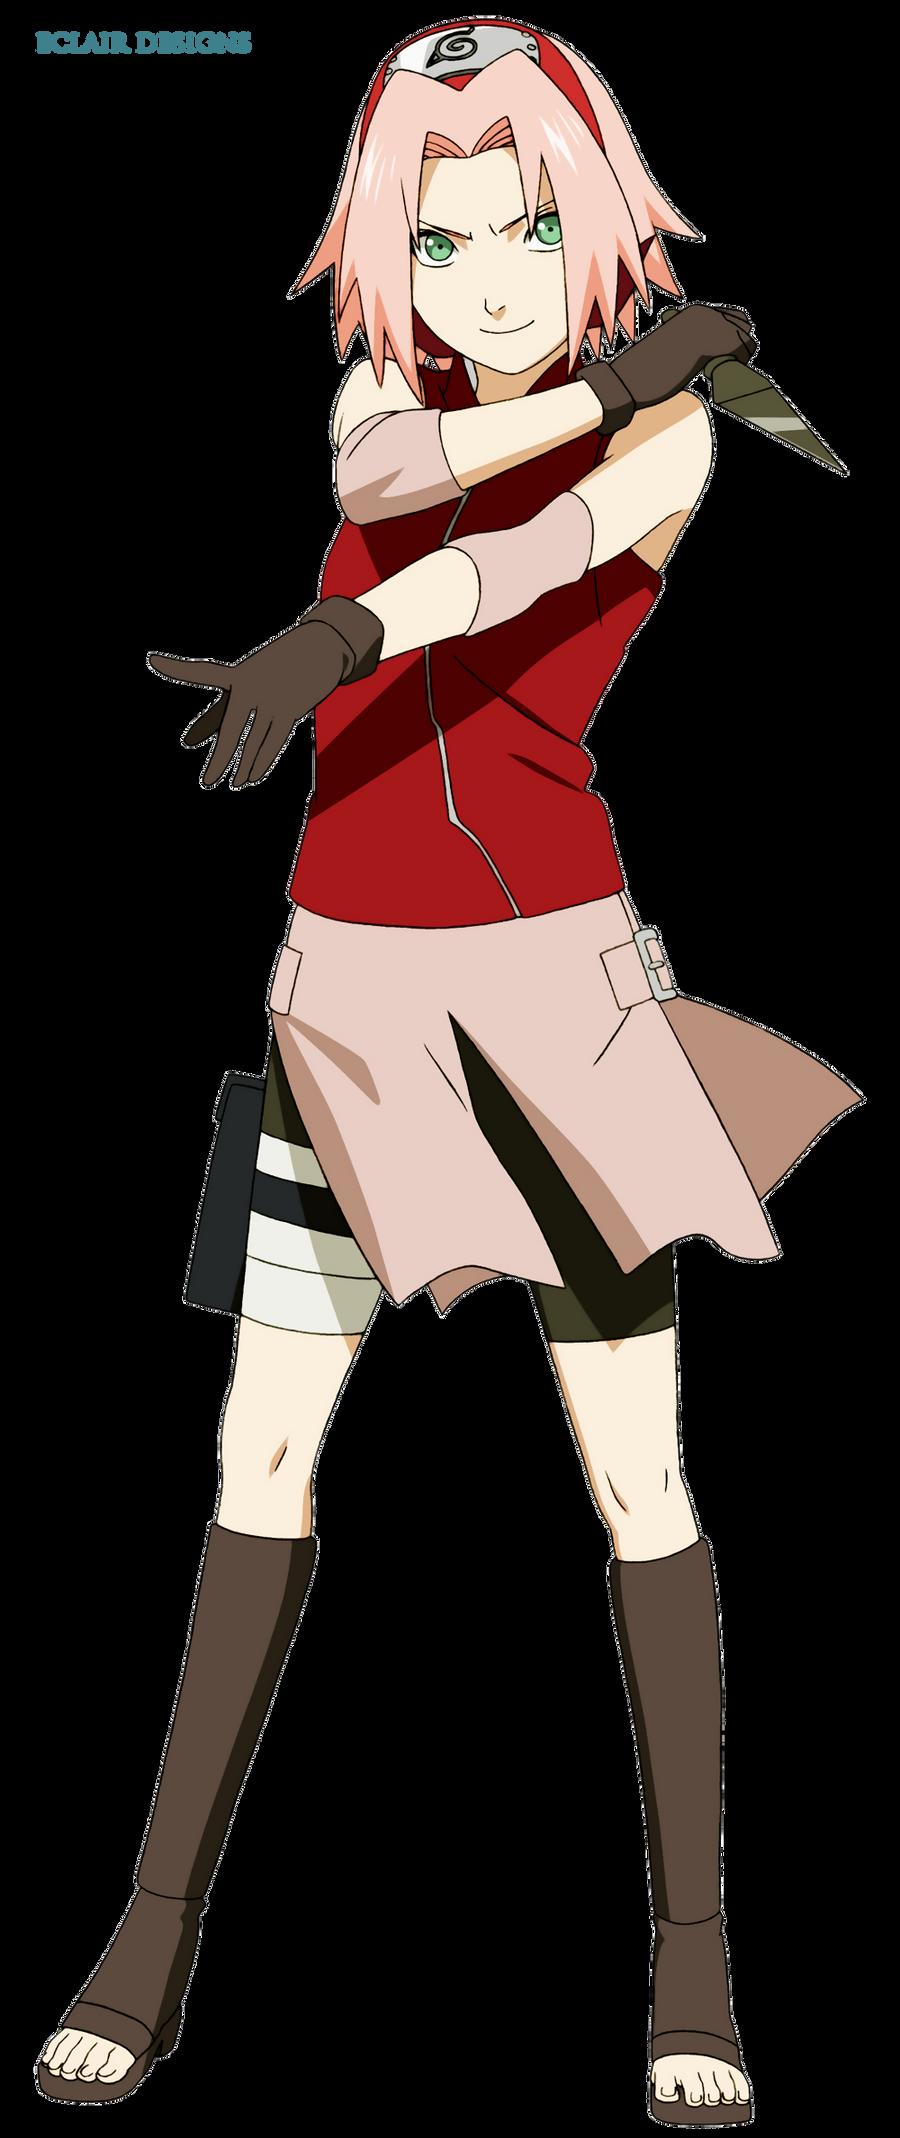 Sakura Haruno Render by EclairDesigns on DeviantArt